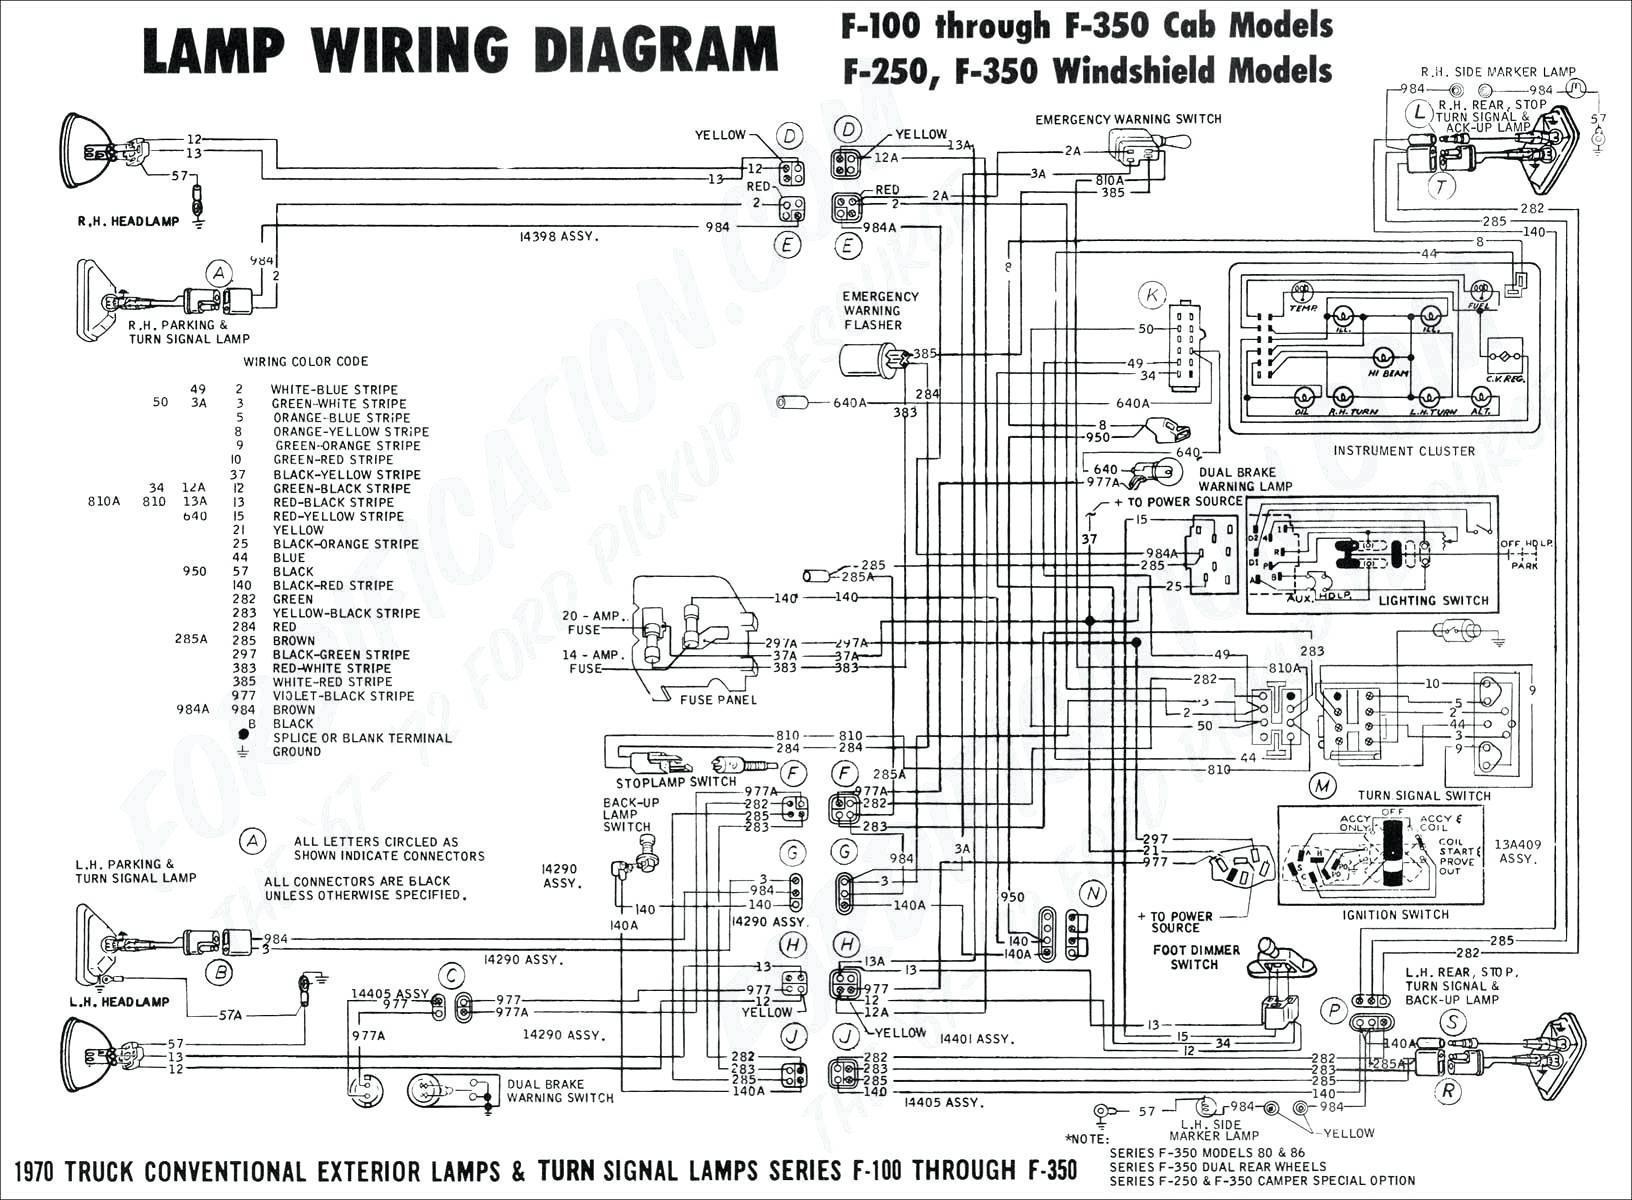 Tail Light Wiring Diagram 2006 Dodge Ram 1500 Parking Light Wiring Diagram Valid 99 Dodge Ram Of Tail Light Wiring Diagram